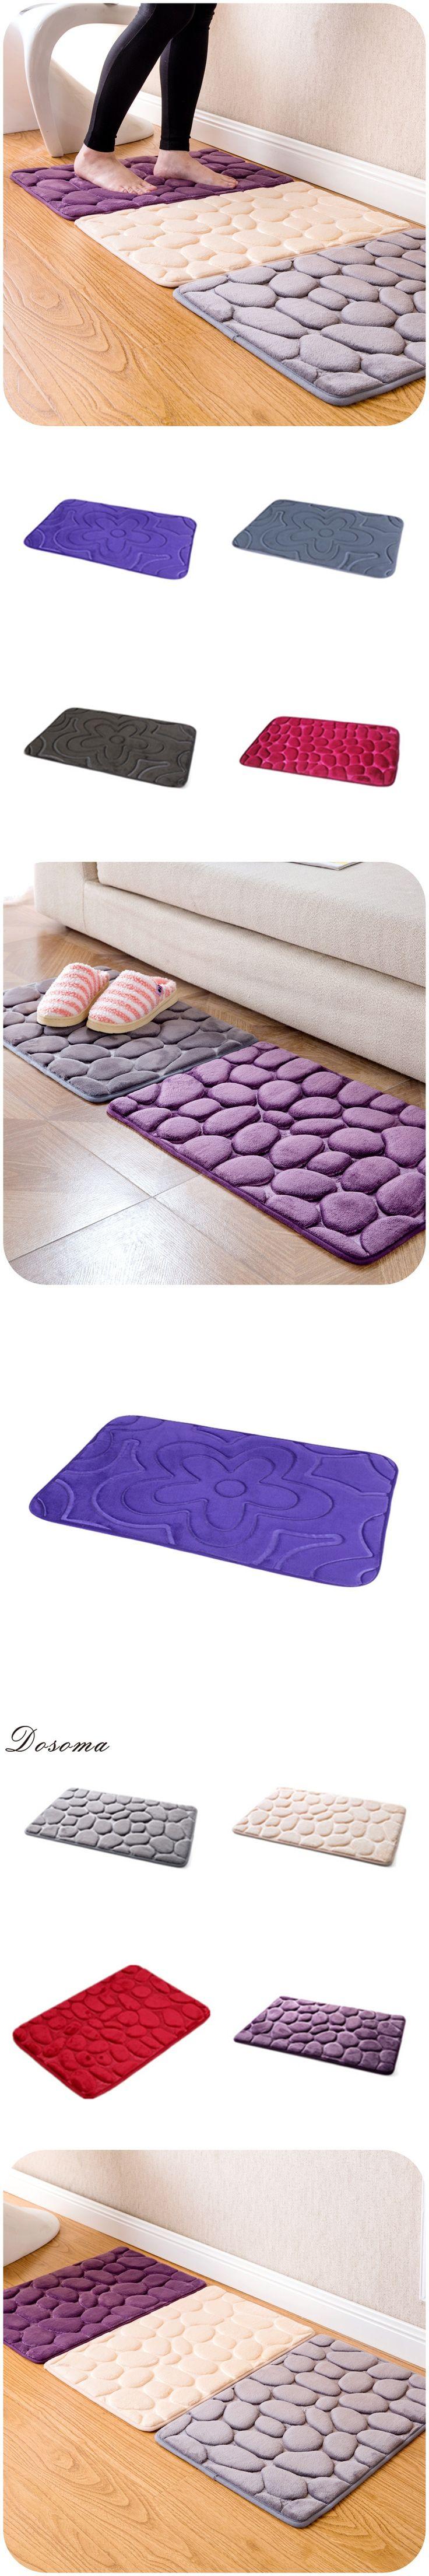 40*60cm 3D Stone Non-Slip Bedroom Carpets Toilet Accessories Mat Bathroom Rug 4 Colors Banyo Paspas Tapis Salle De Bain